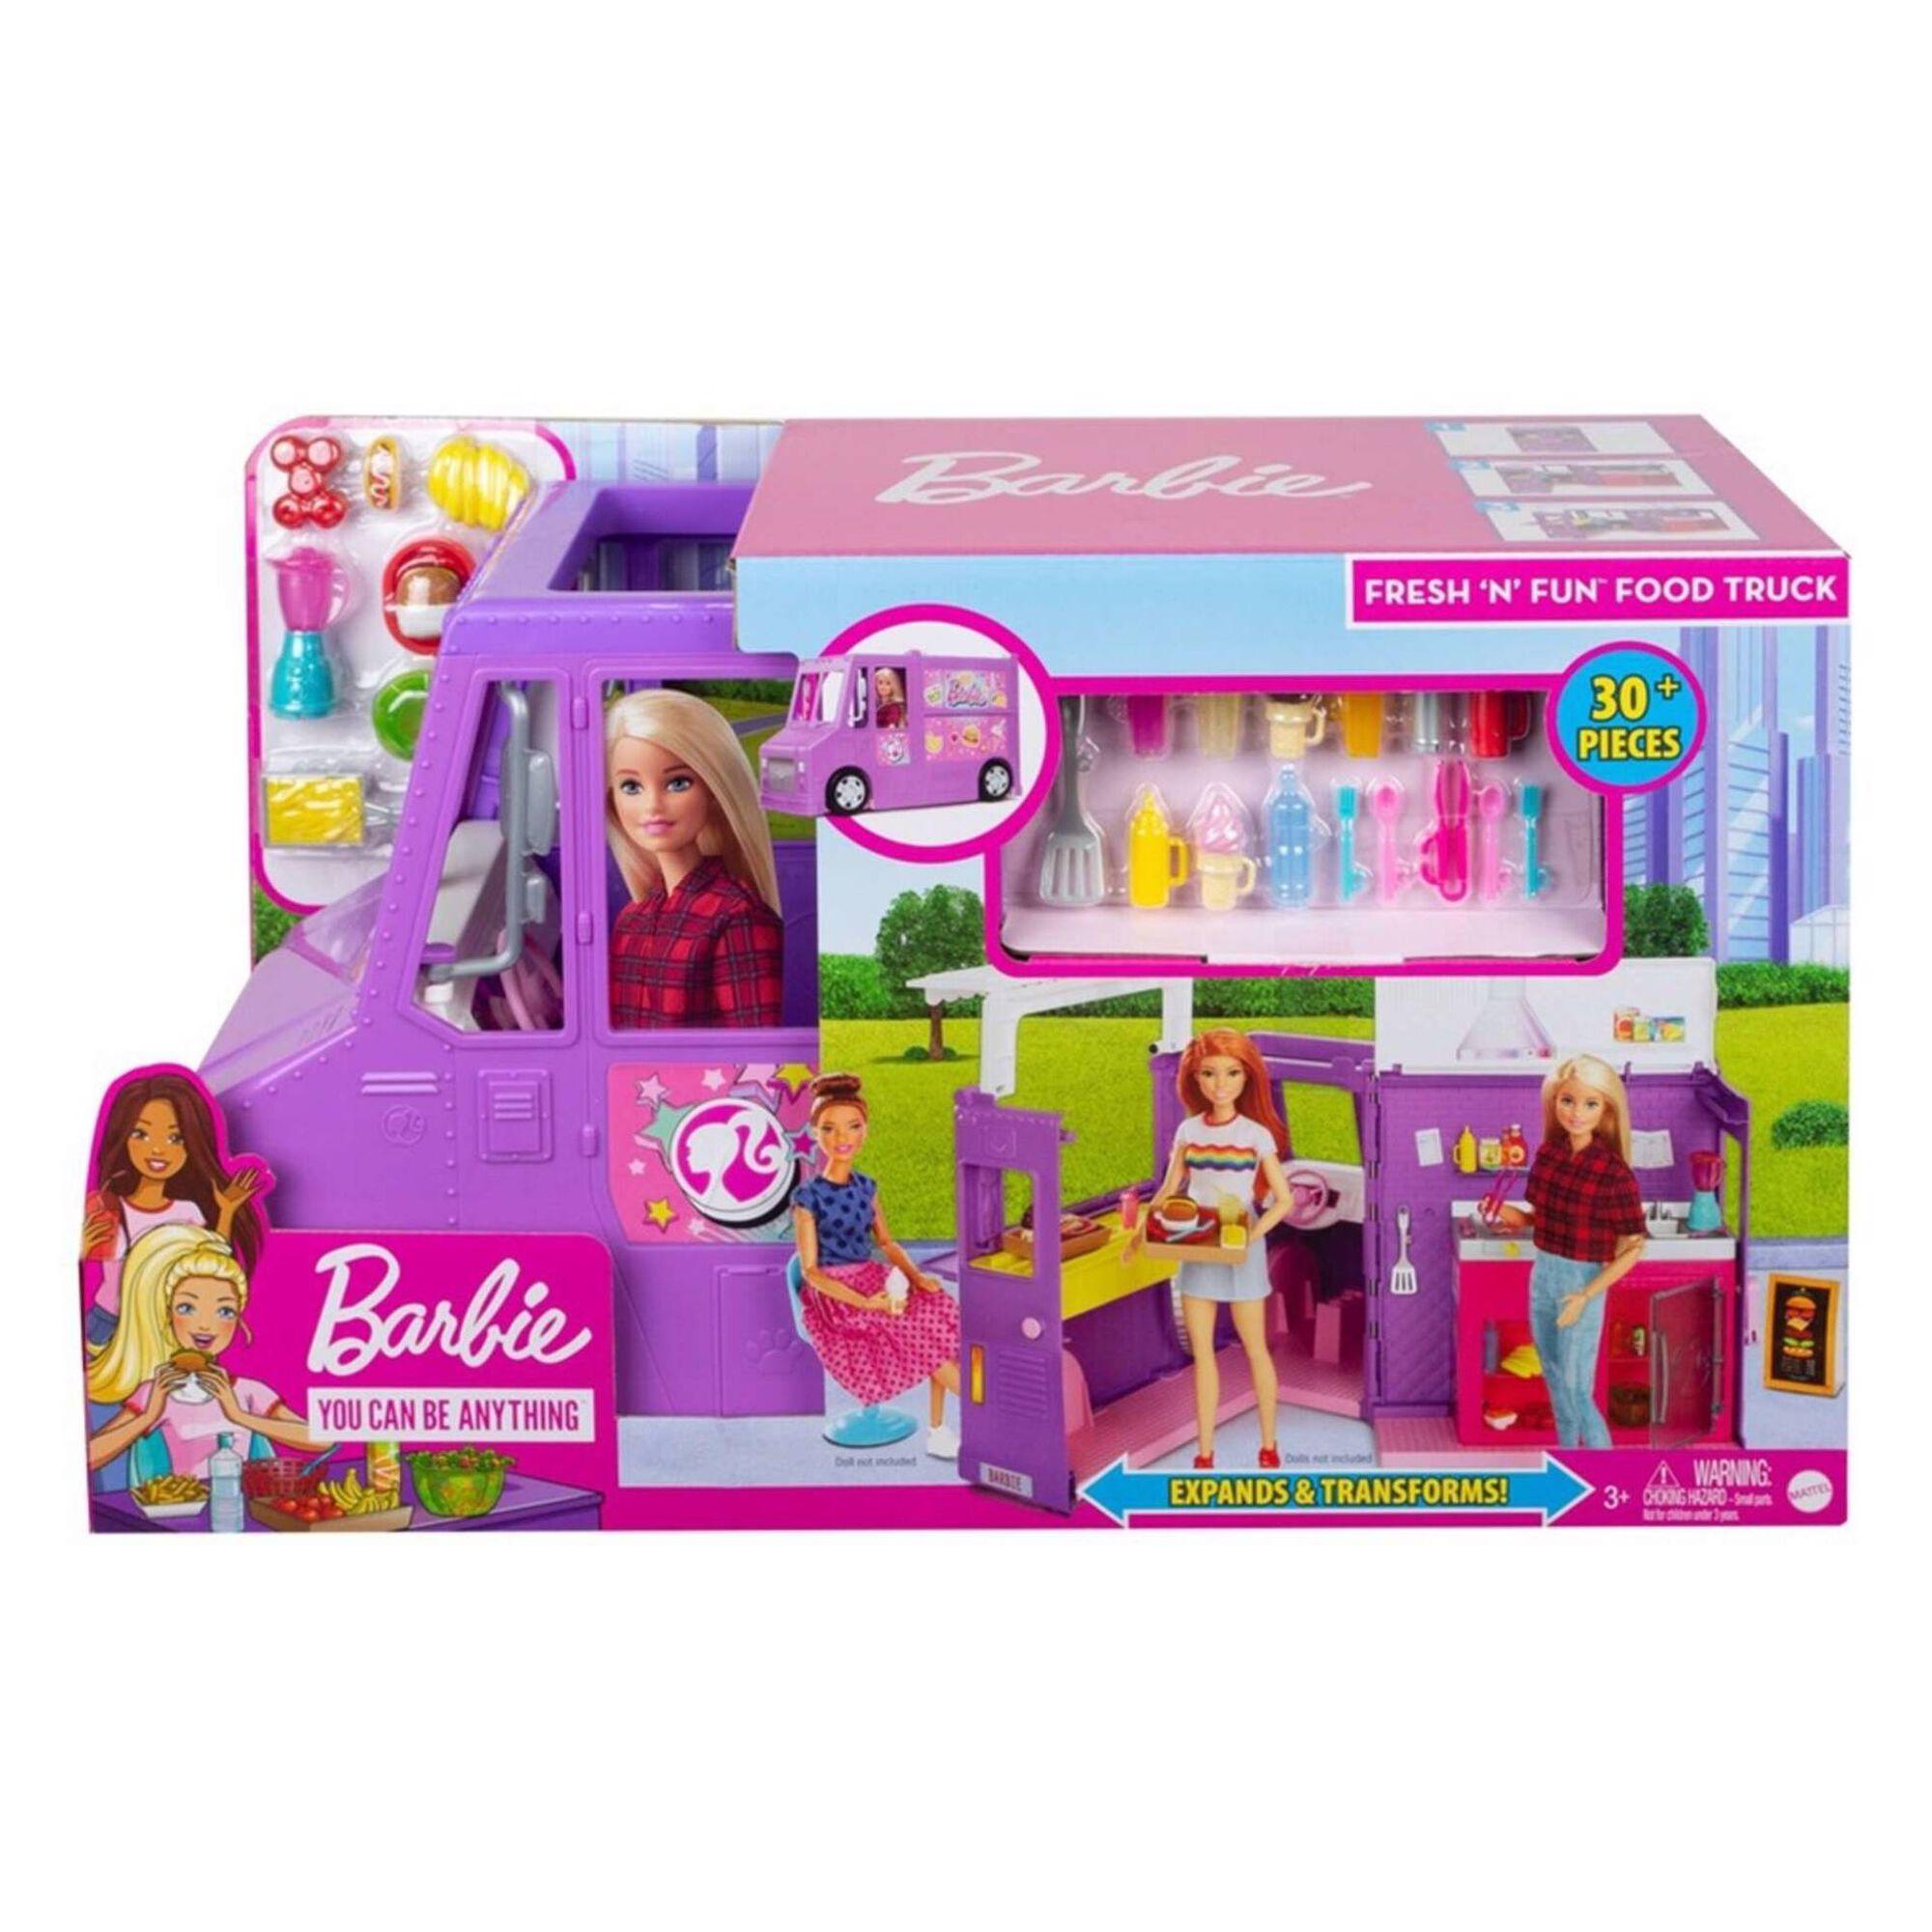 Restaurante Móvel da Barbie